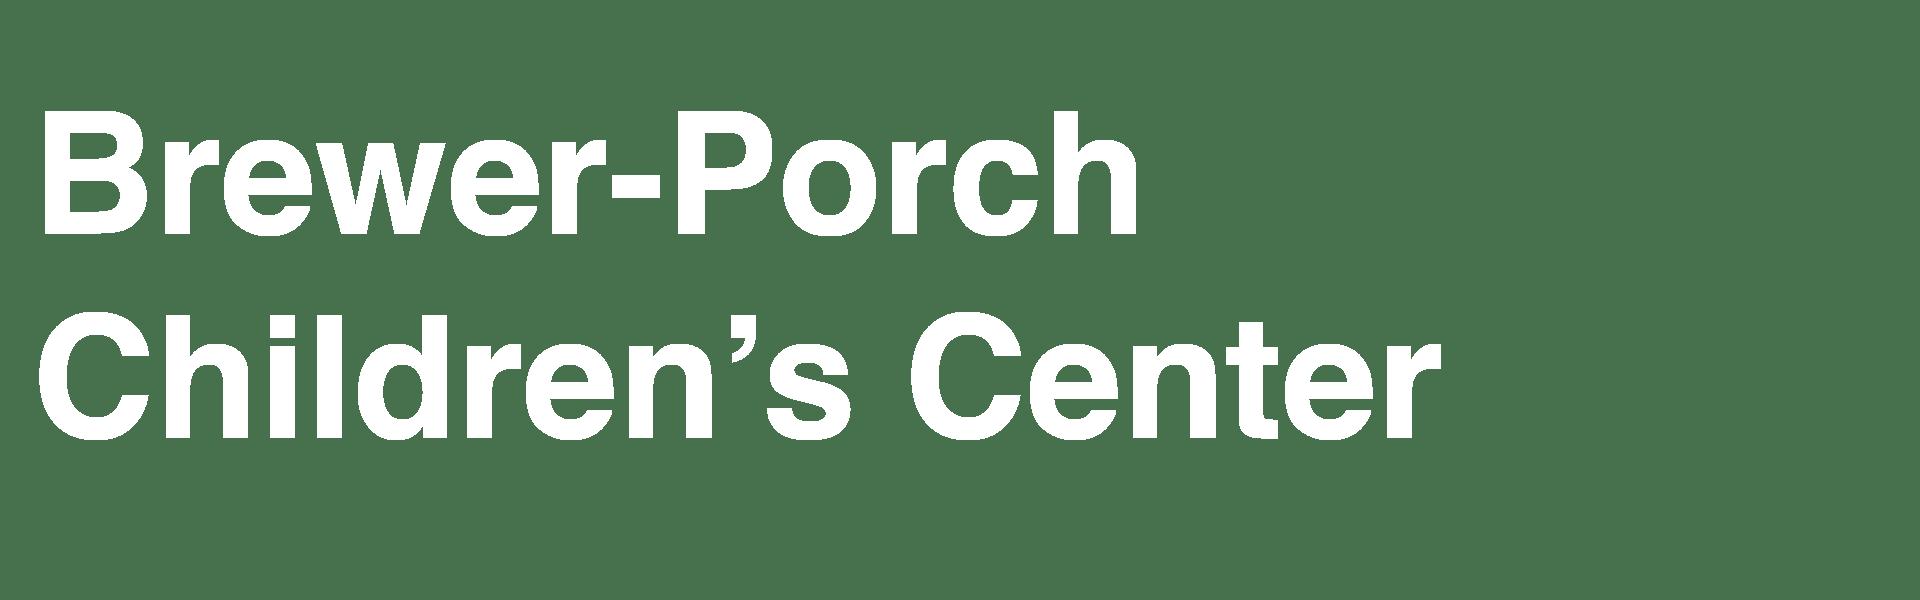 Brewer-Porch Children's Center